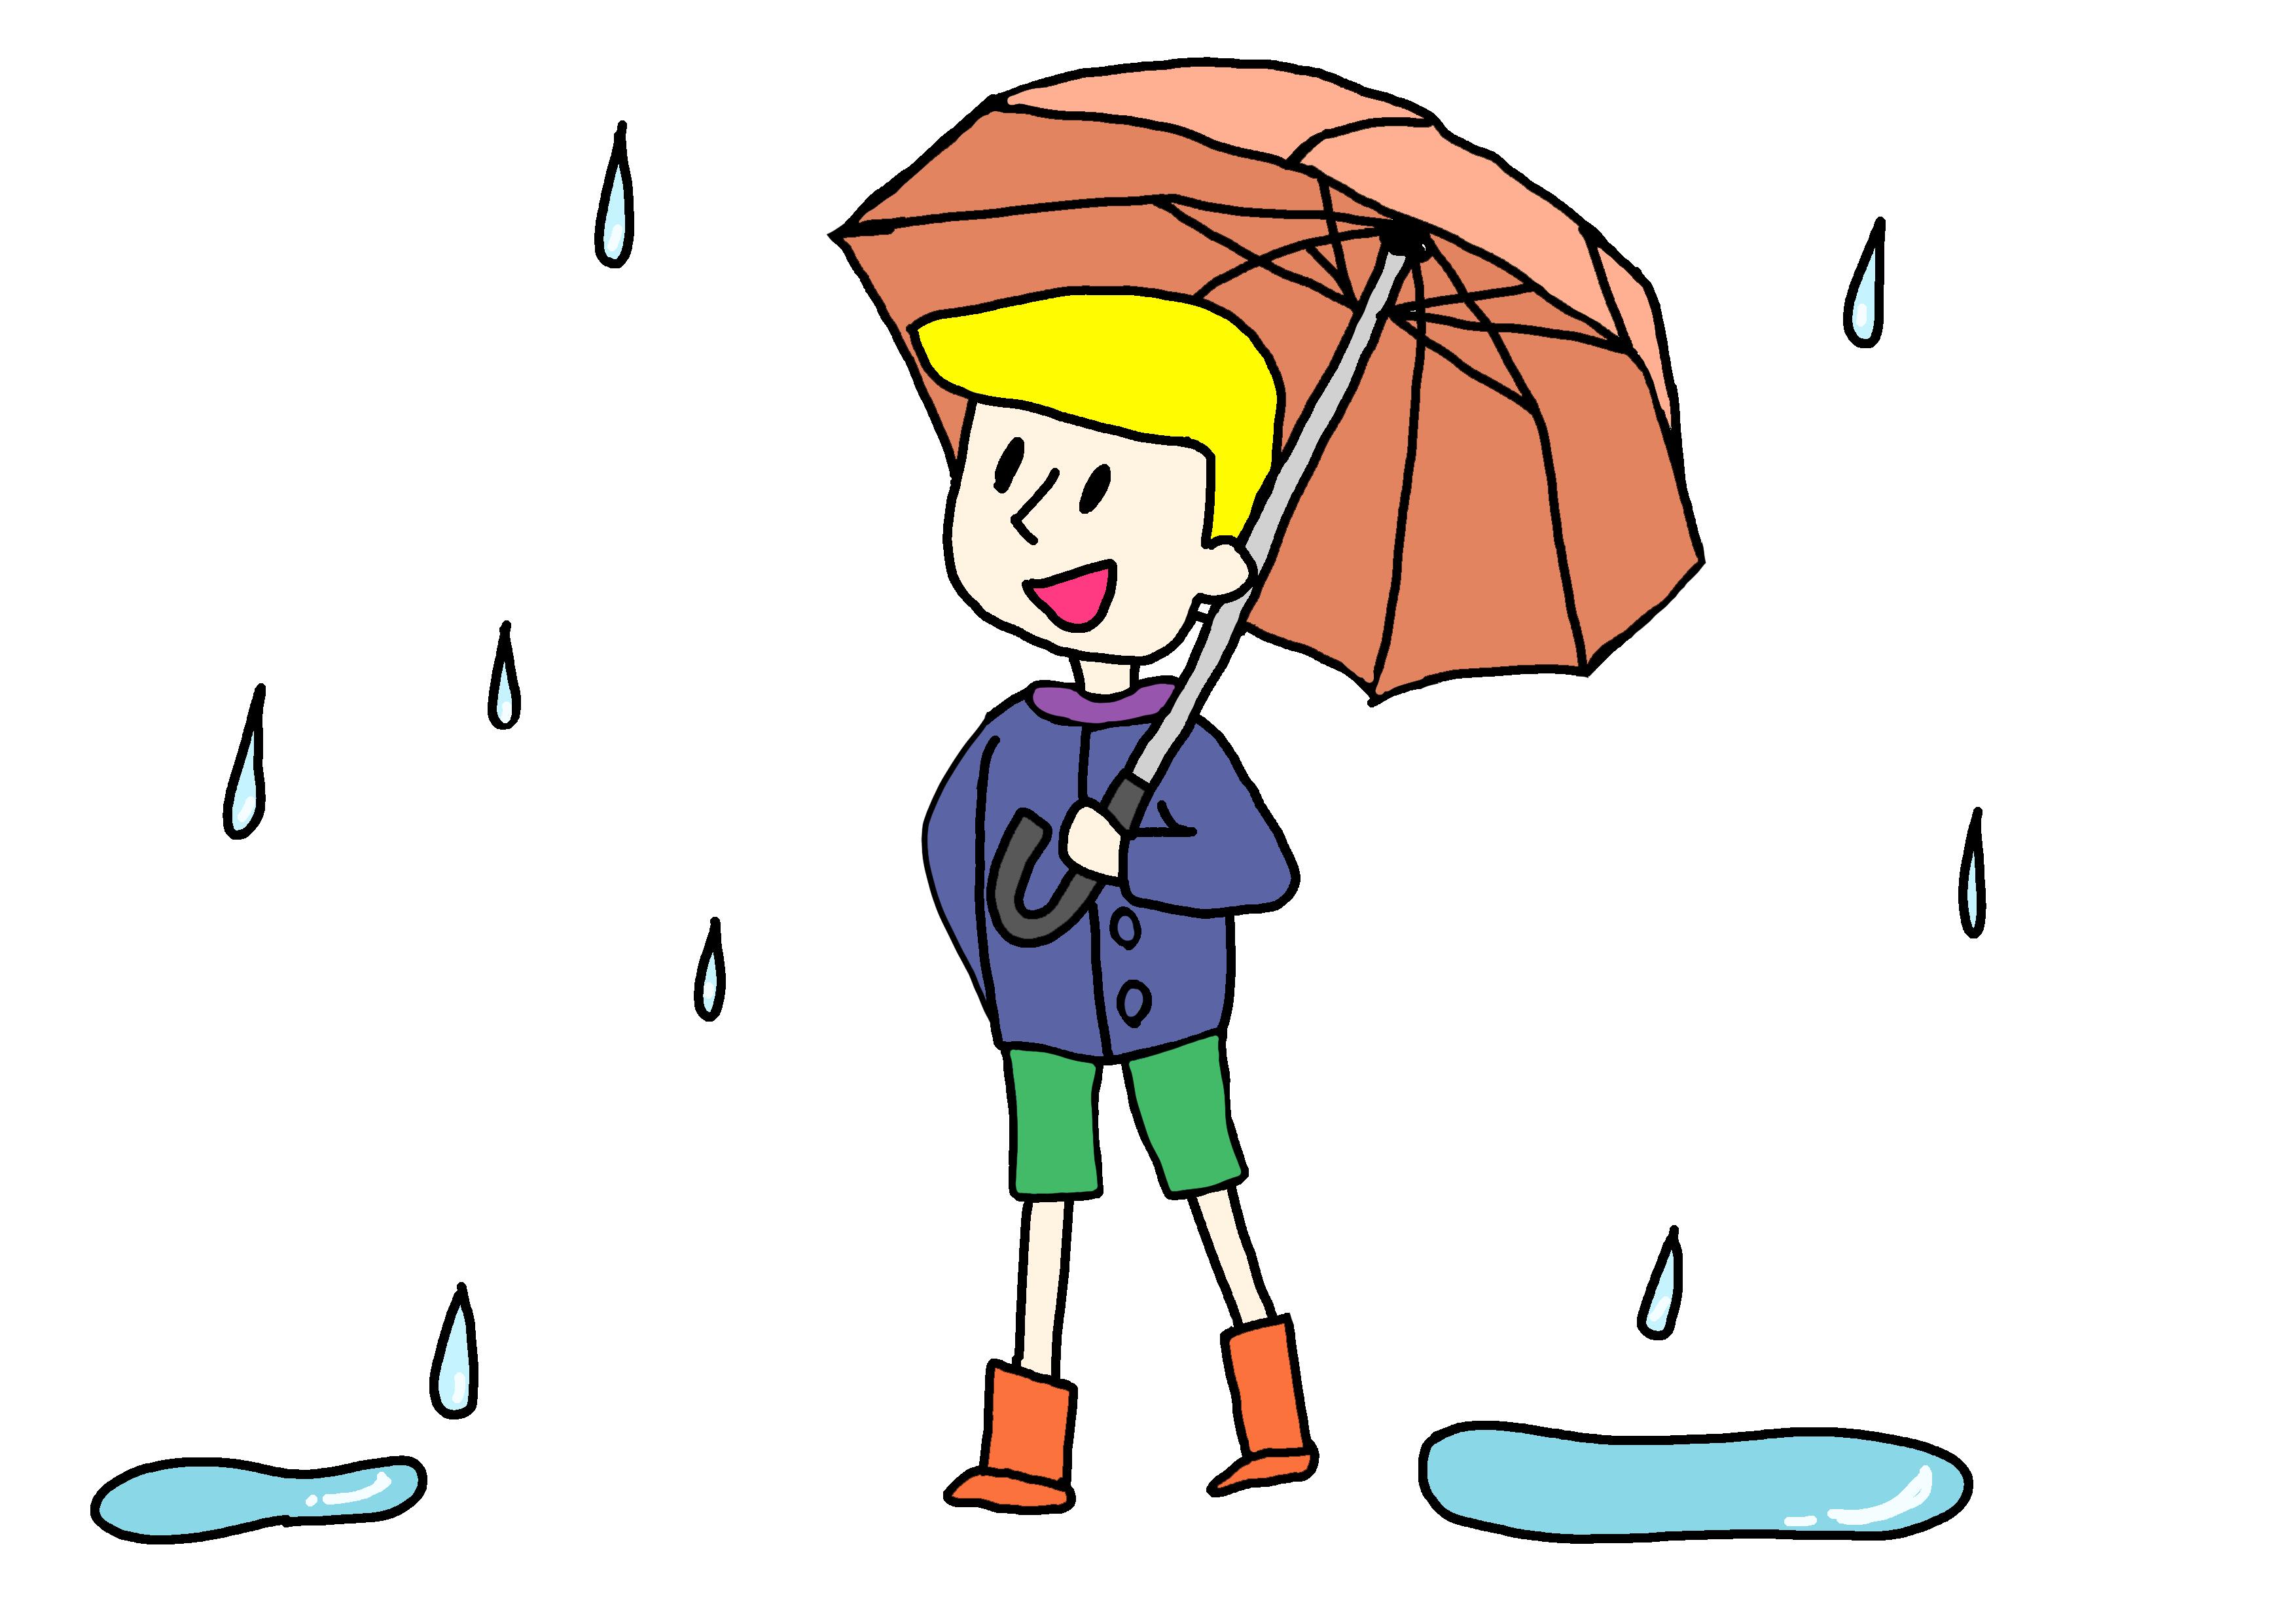 34課イラスト【傘をさす】